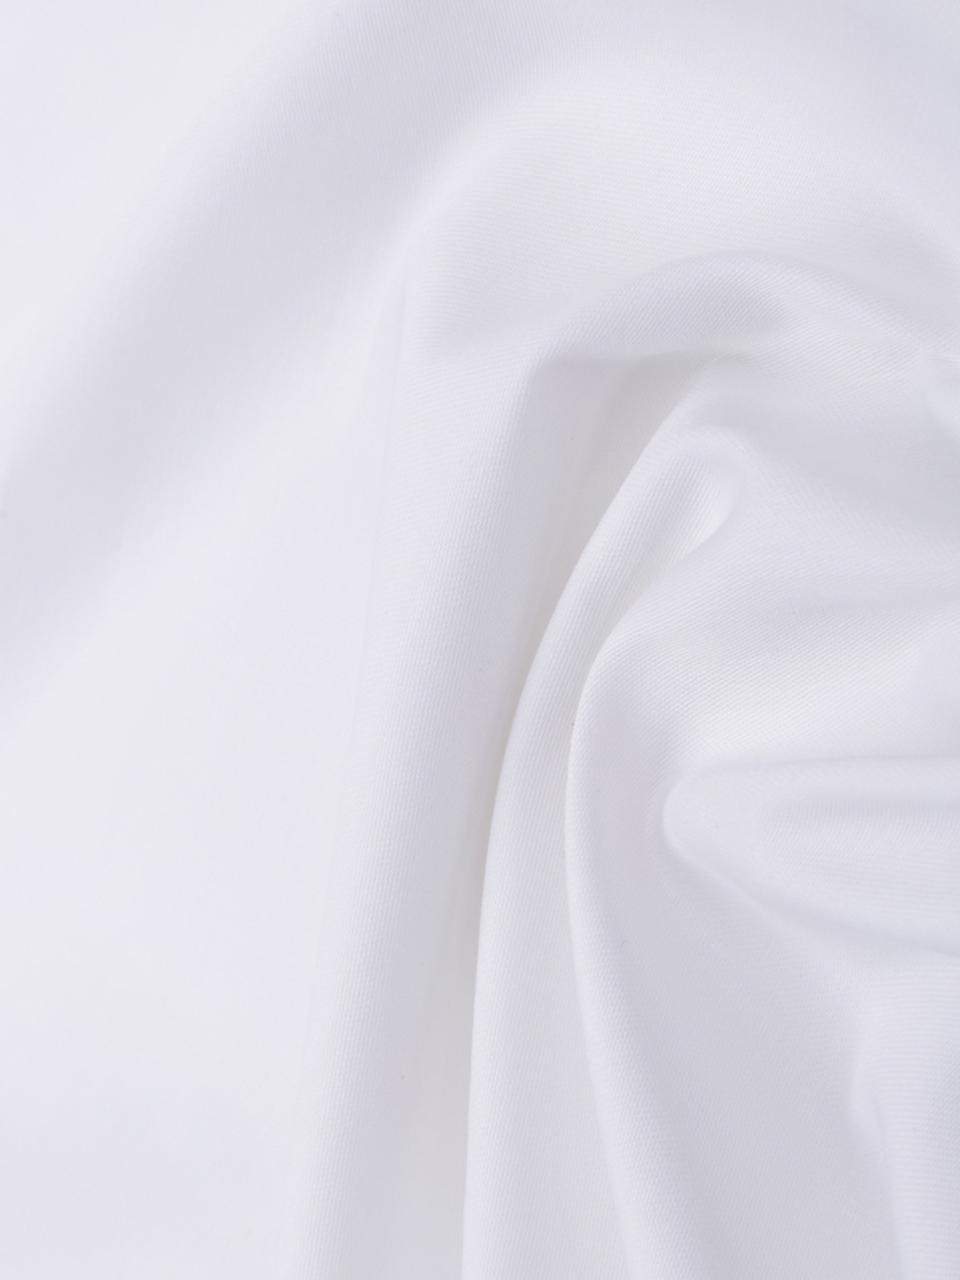 Mako-Satin Bettwäsche Marco in Weiß, Webart: Mako-Satin Fadendichte 21, Weiß, 155 x 220 cm + 1 Kissen 80 x 80 cm